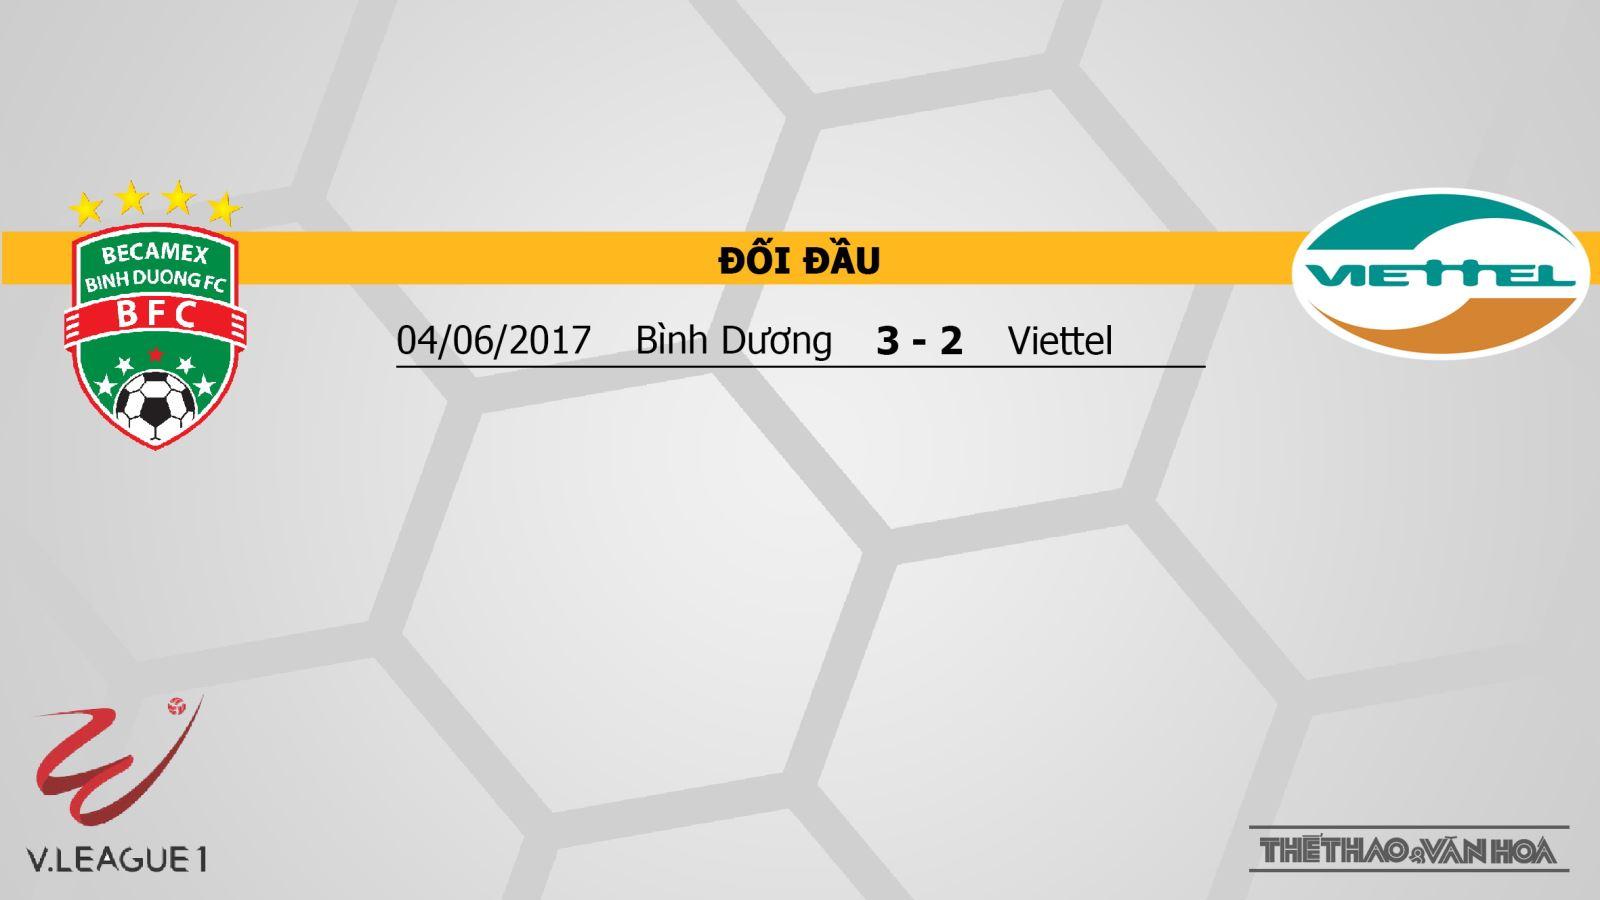 trực tiếp bóng đá, Bình Dương, Bình Dương vs Viettel, truc tiep Bình Dương vs Viettel, trực tiếp Viettel, link trực tiếp V League 2019, xem bóng đá trực tuyến, trực tiếp Bình Dương